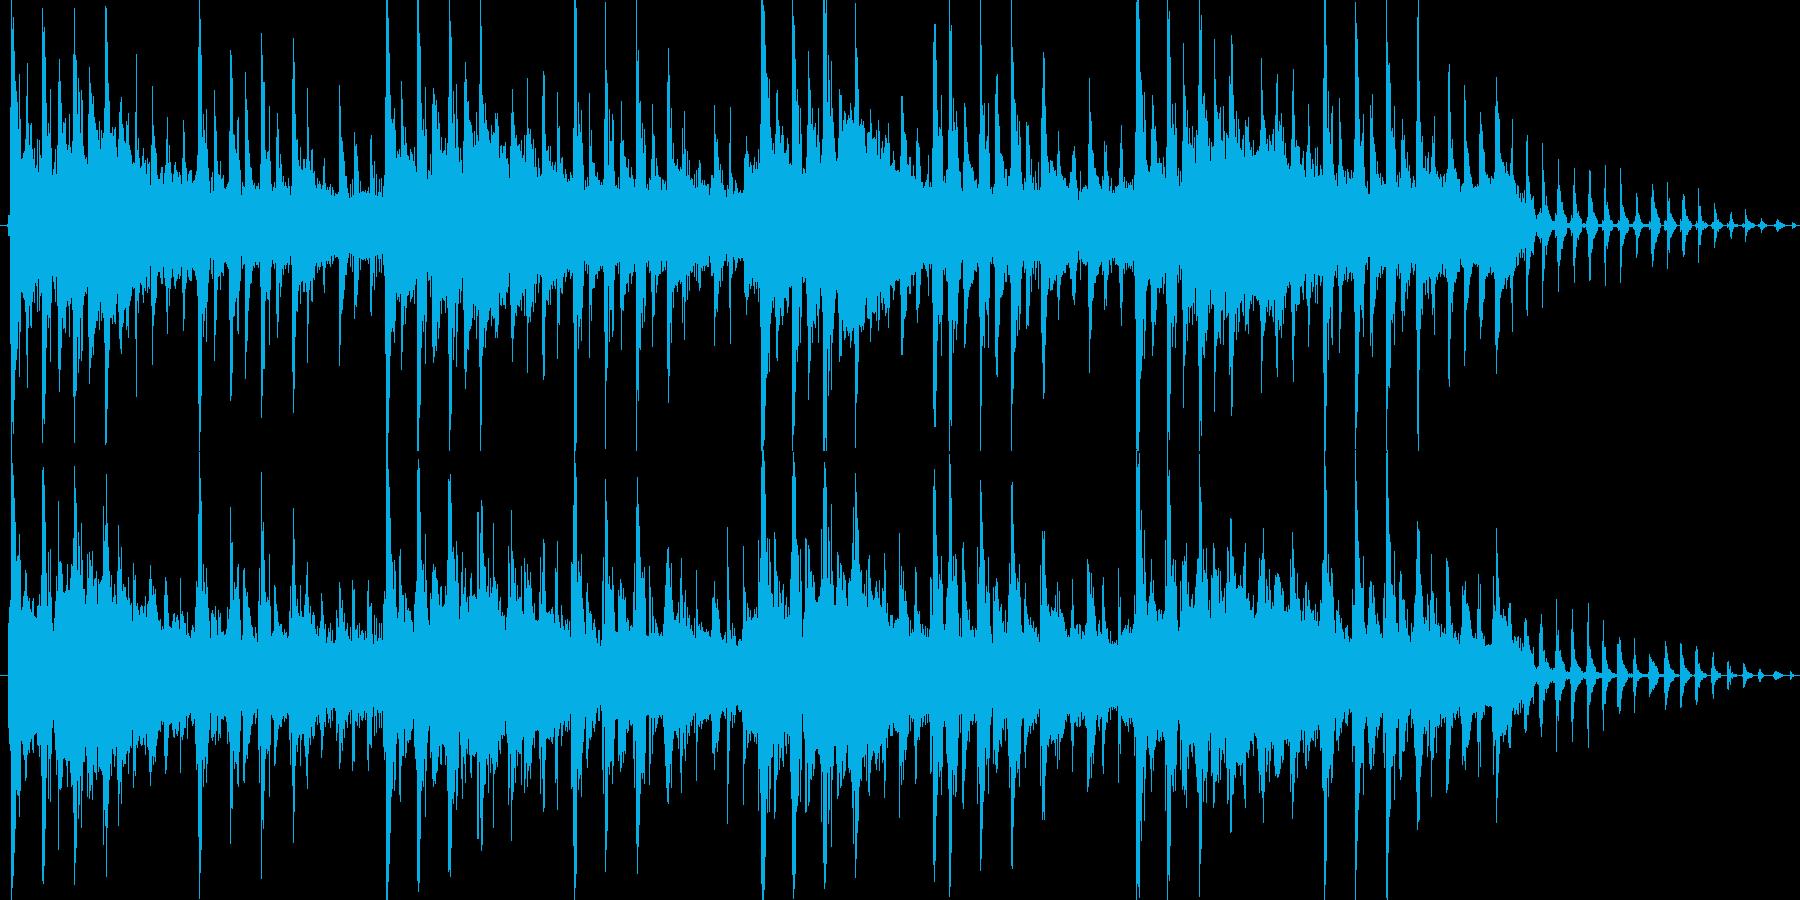 メカニカルな雰囲気のテクノジングルの再生済みの波形